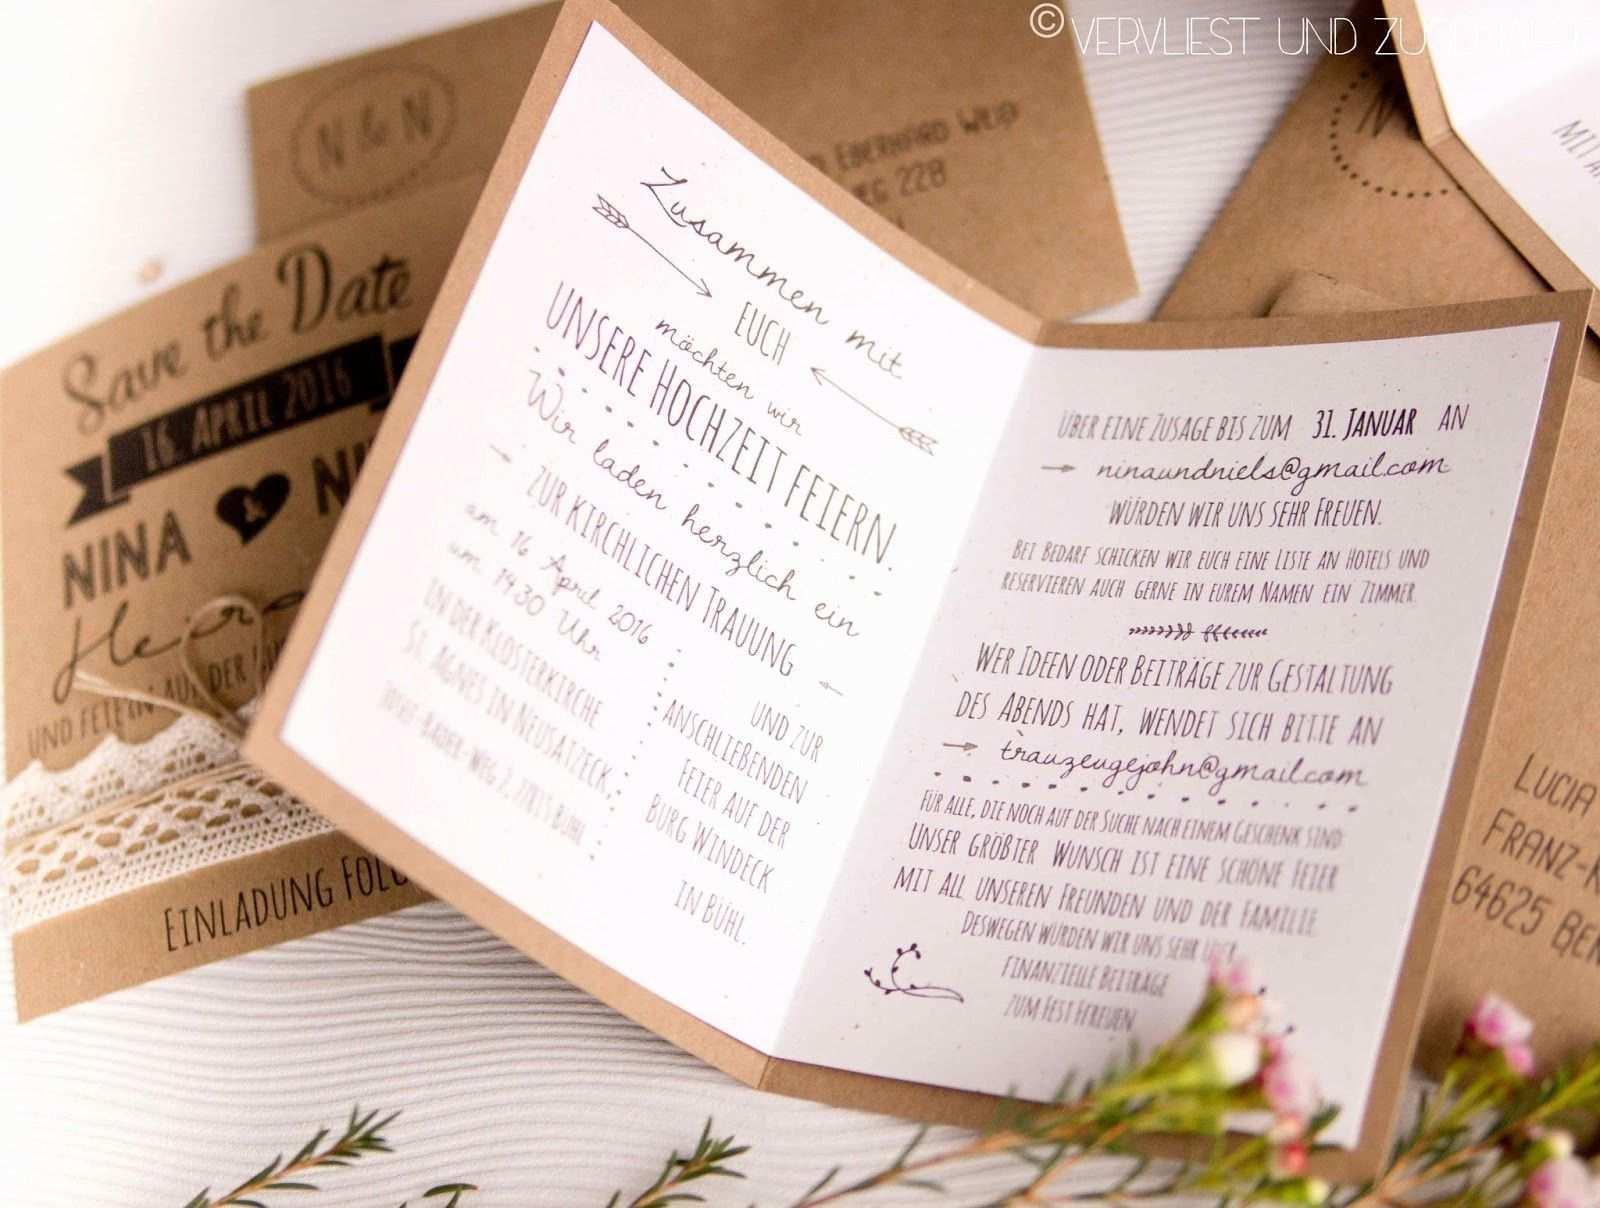 Hochzeitseinladungen Vorlagen Beautiful Hochzeitseinladungen Vorlagen Kostenlos Download Hochzeitseinladung Hochzeitseinladungen Rustikal Einladungen Hochzeit